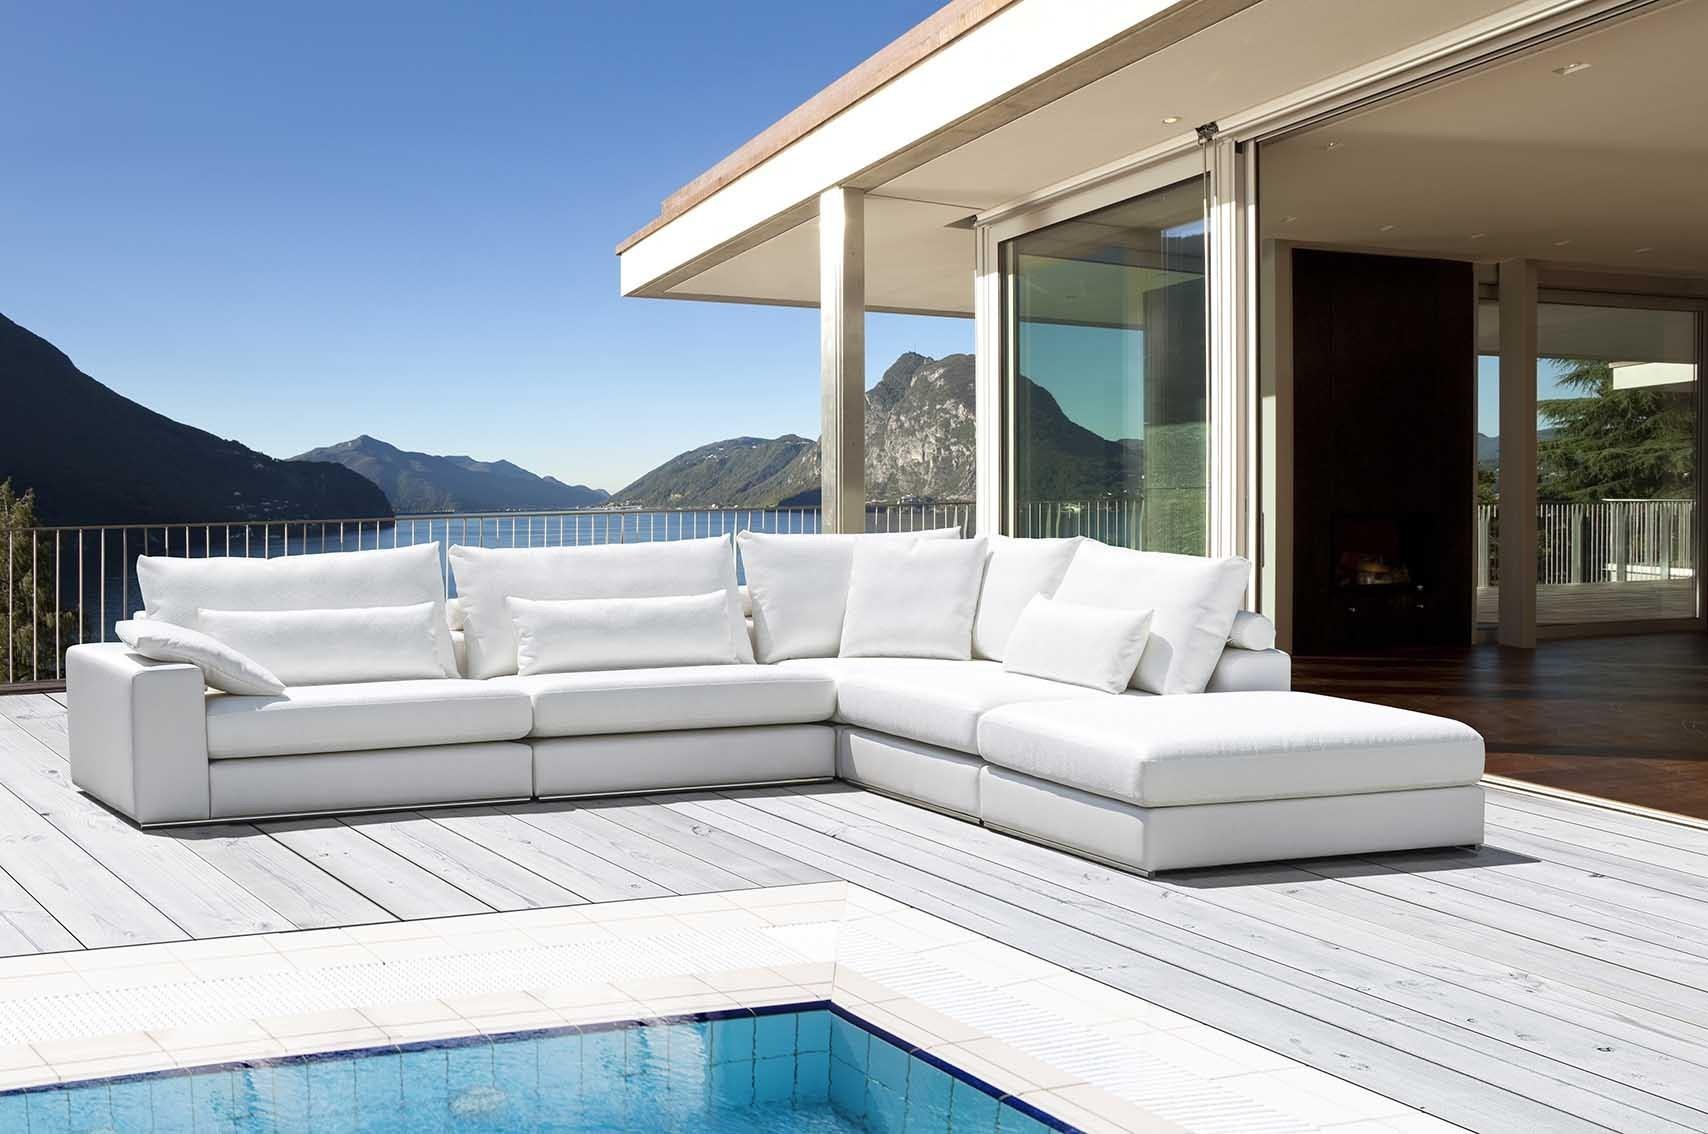 Full Size of Couch Terrasse Luxus Terrassen Sofa Alberta Primavera Jenversode Wohnzimmer Couch Terrasse